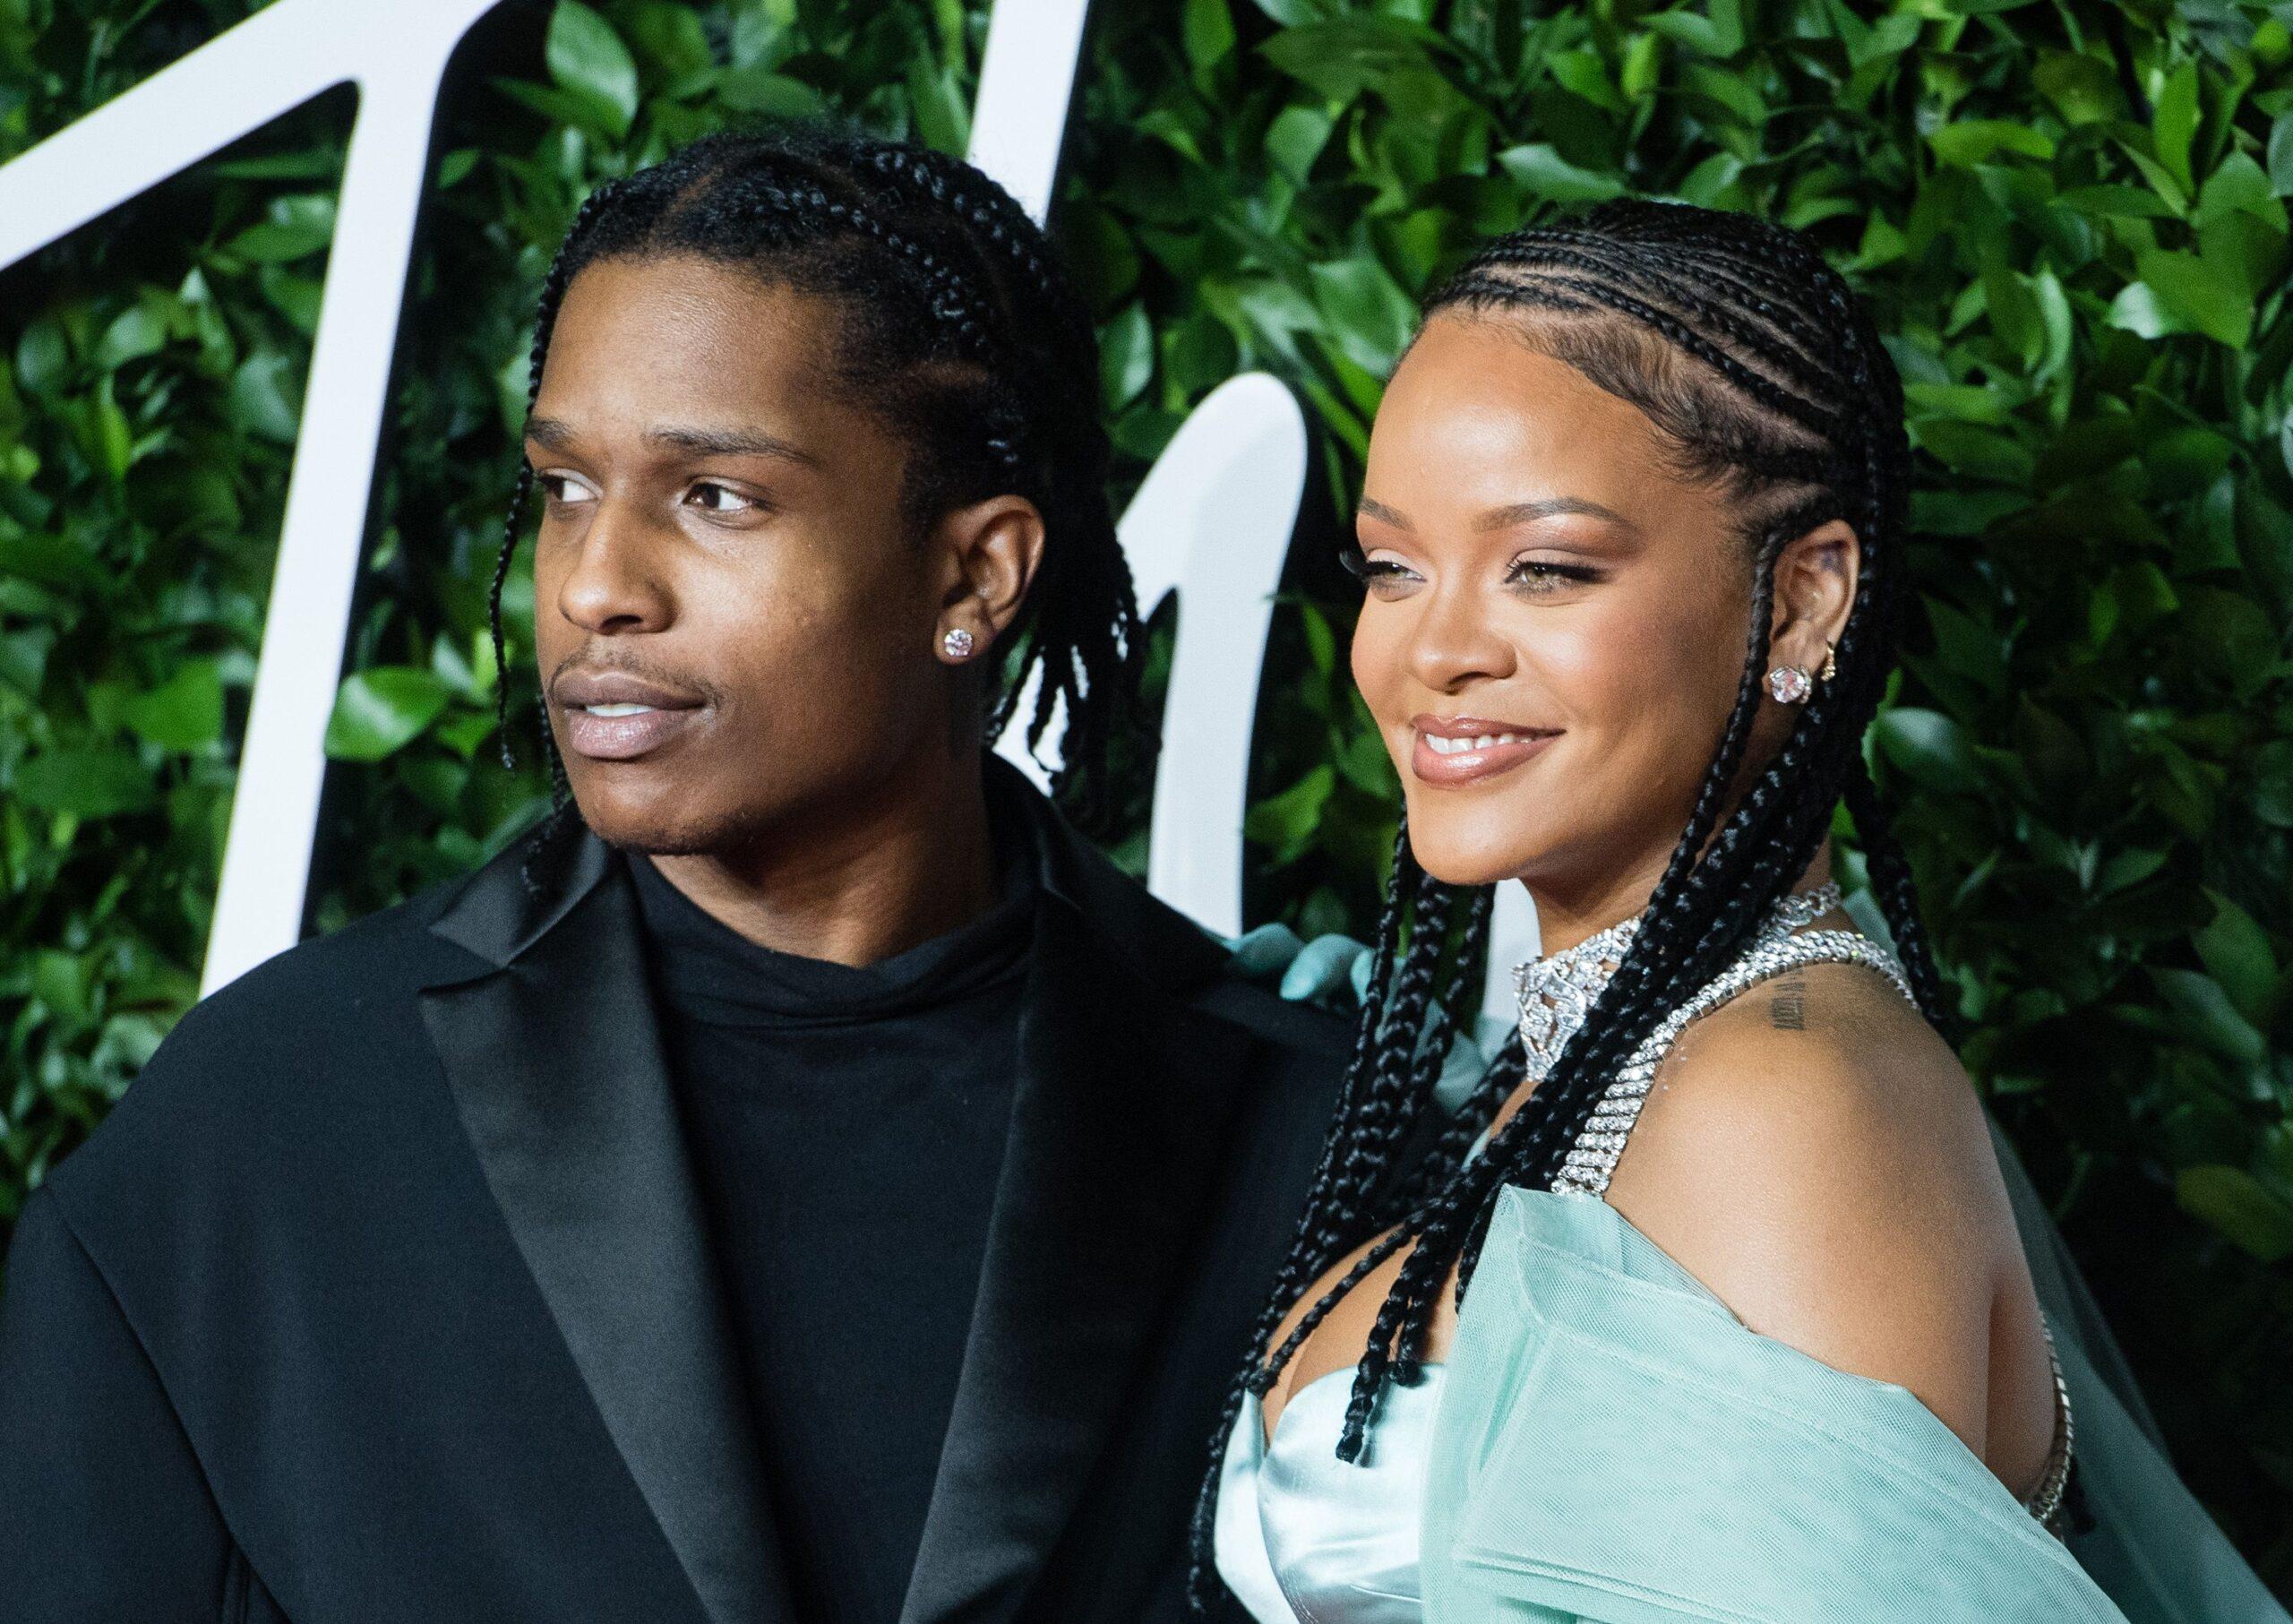 Las cosas van en serio y Rihanna podría anunciar pronto su boda con ASAP Rocky